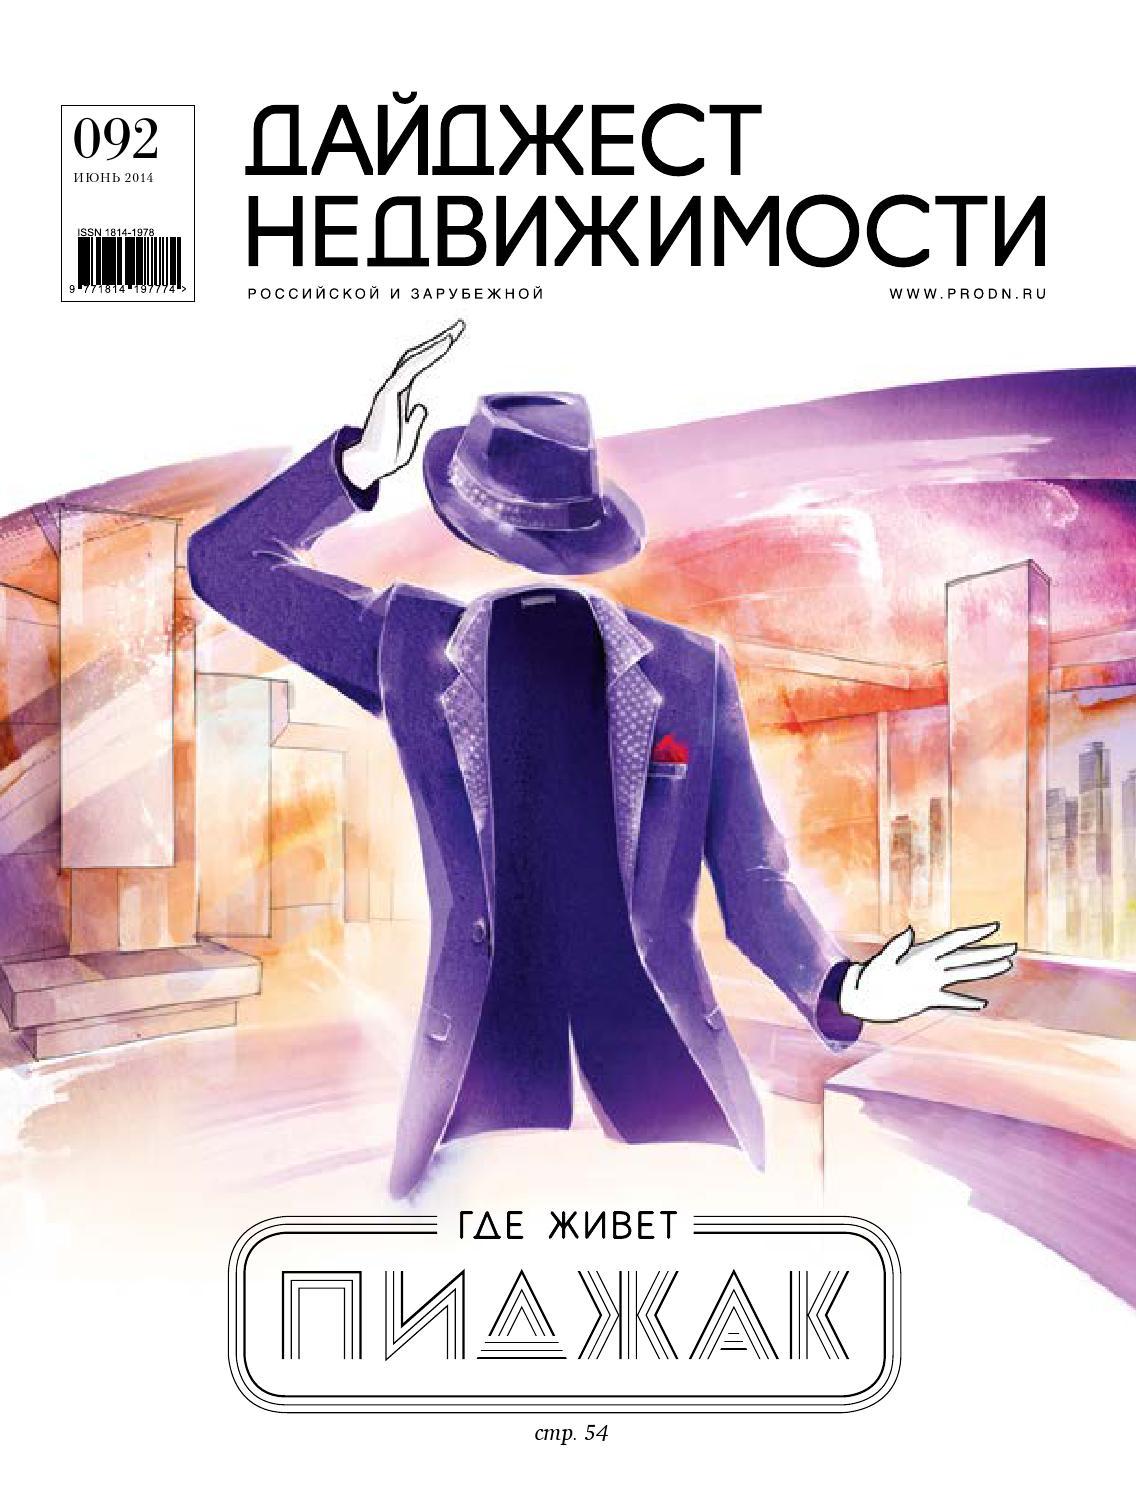 кредит под залог недвижимости от частного инвестора 1dom.ru хоум кредит тольятти карты